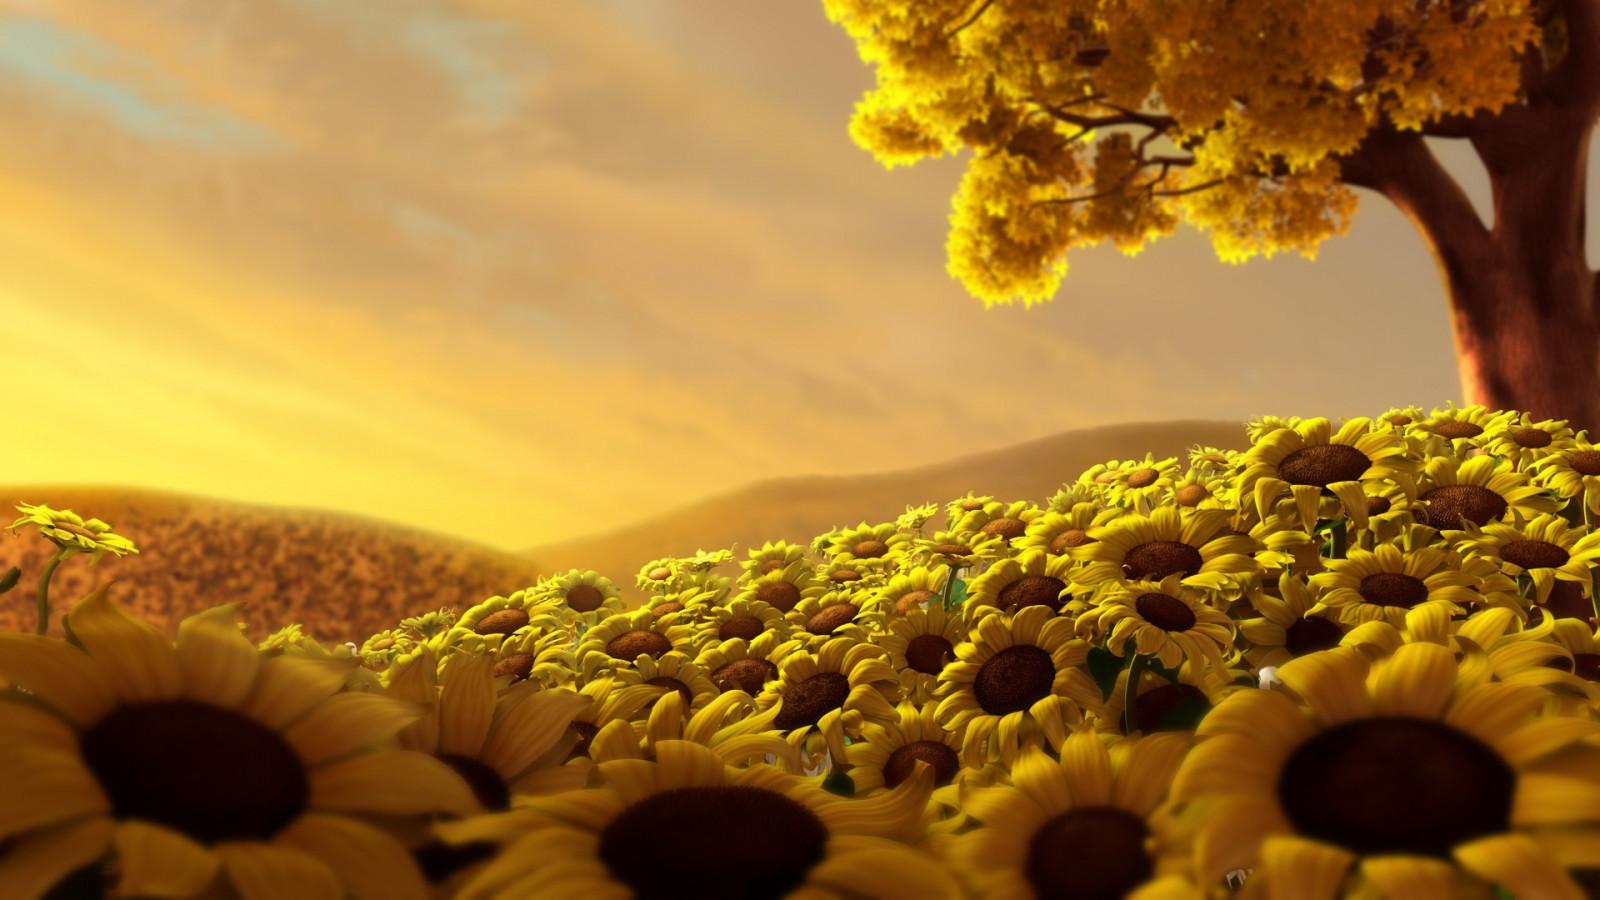 デスクトップ壁紙 日光 風景 日没 フラワーズ 自然 空